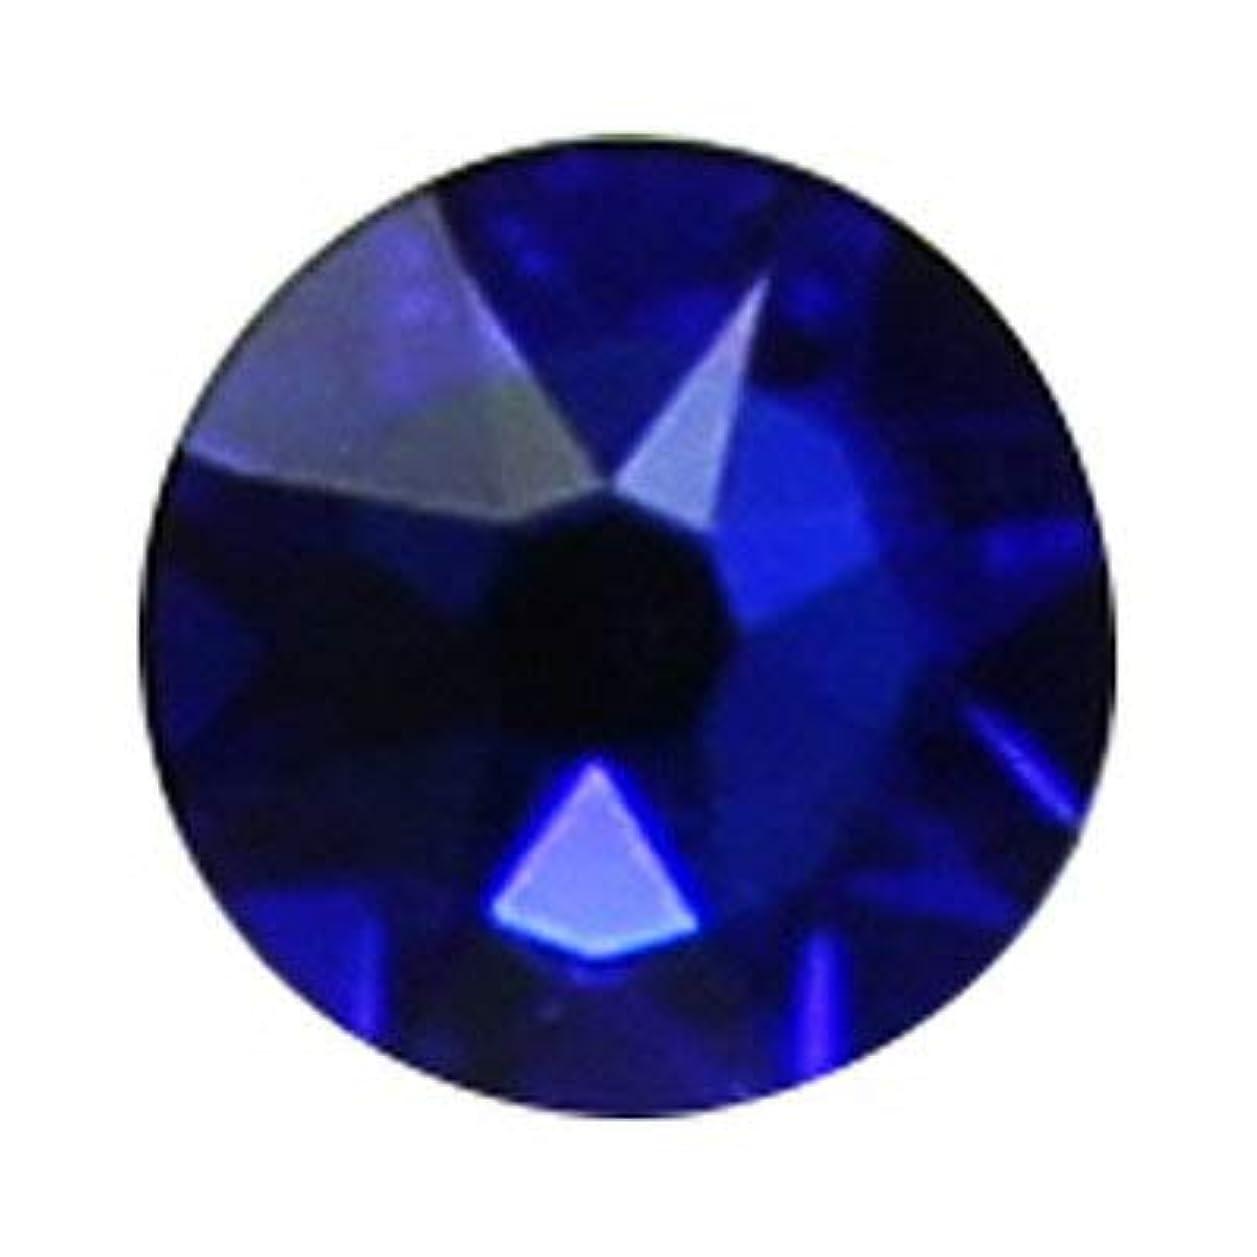 グリップ委員会スローSWAROVSKI マジェスティック?ブルー ss16 #2088 72P